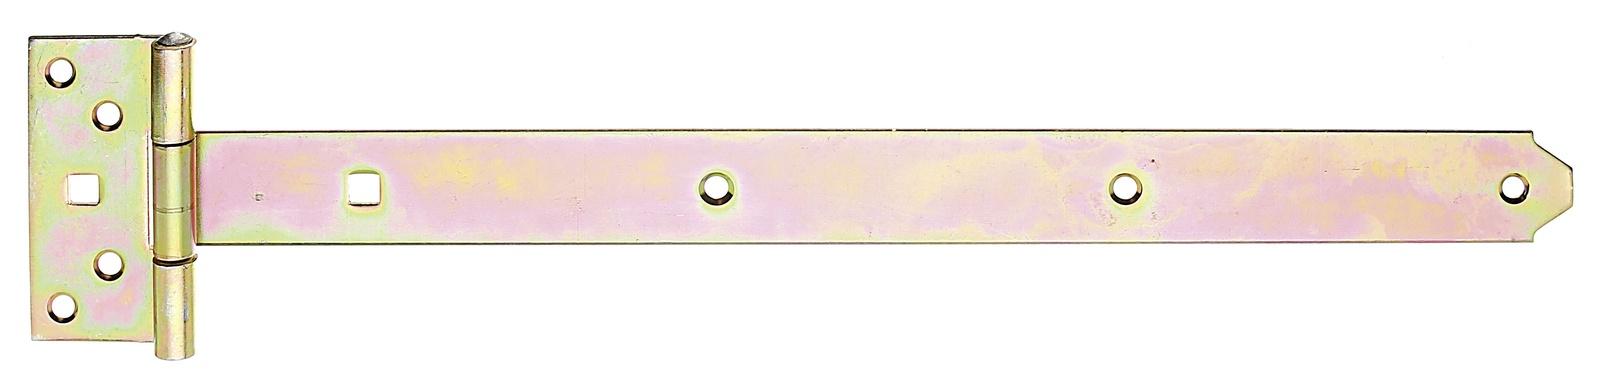 Петля для ворот, Gah Alberts, Т-образная оцинкованная 245x34 мм, 2ШТ петля дверная gah alberts 310714